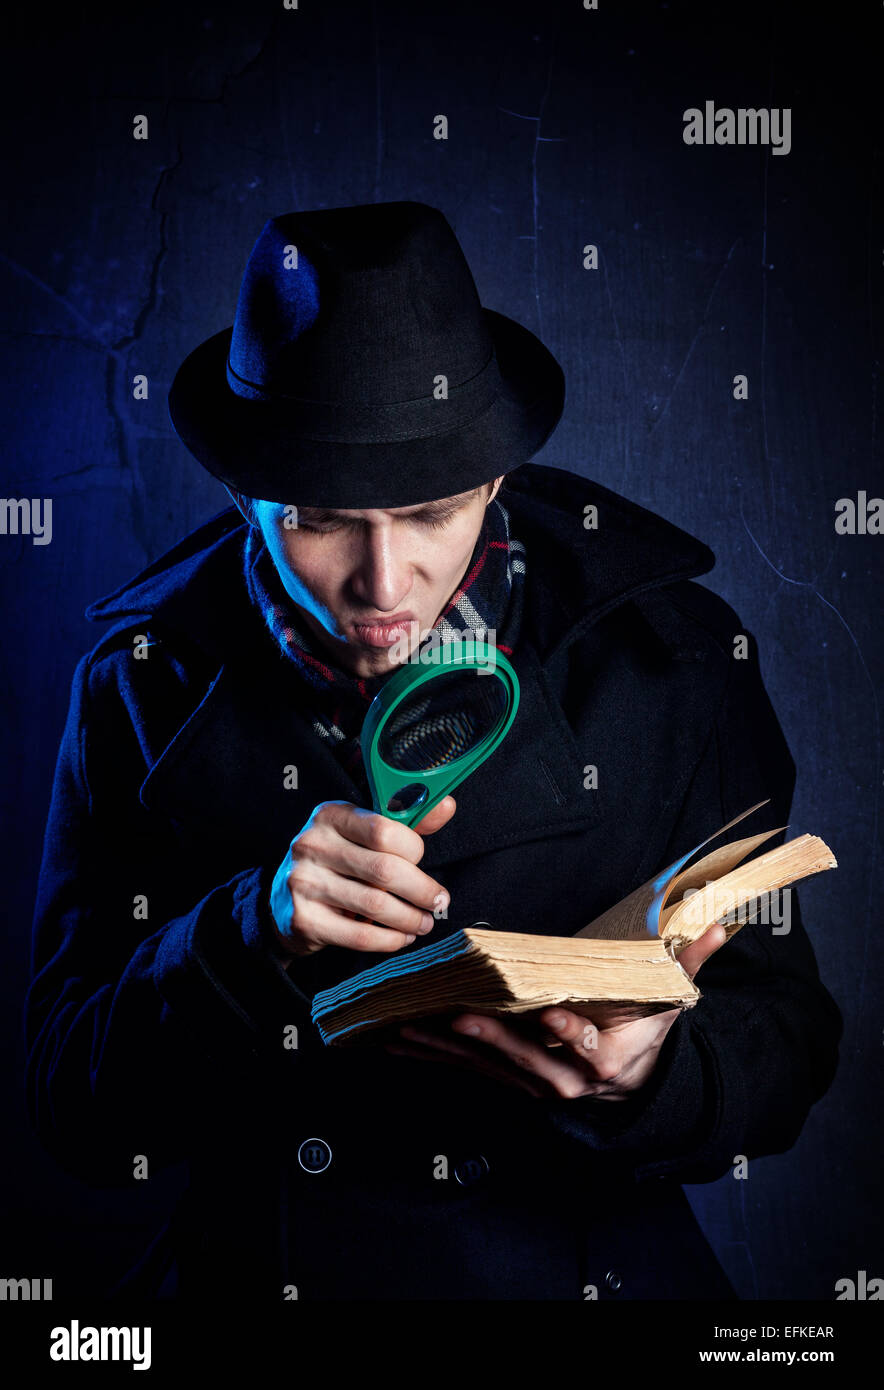 Man in black hat avec loupe de lecture en verre le vieux livre à fond sombre Photo Stock